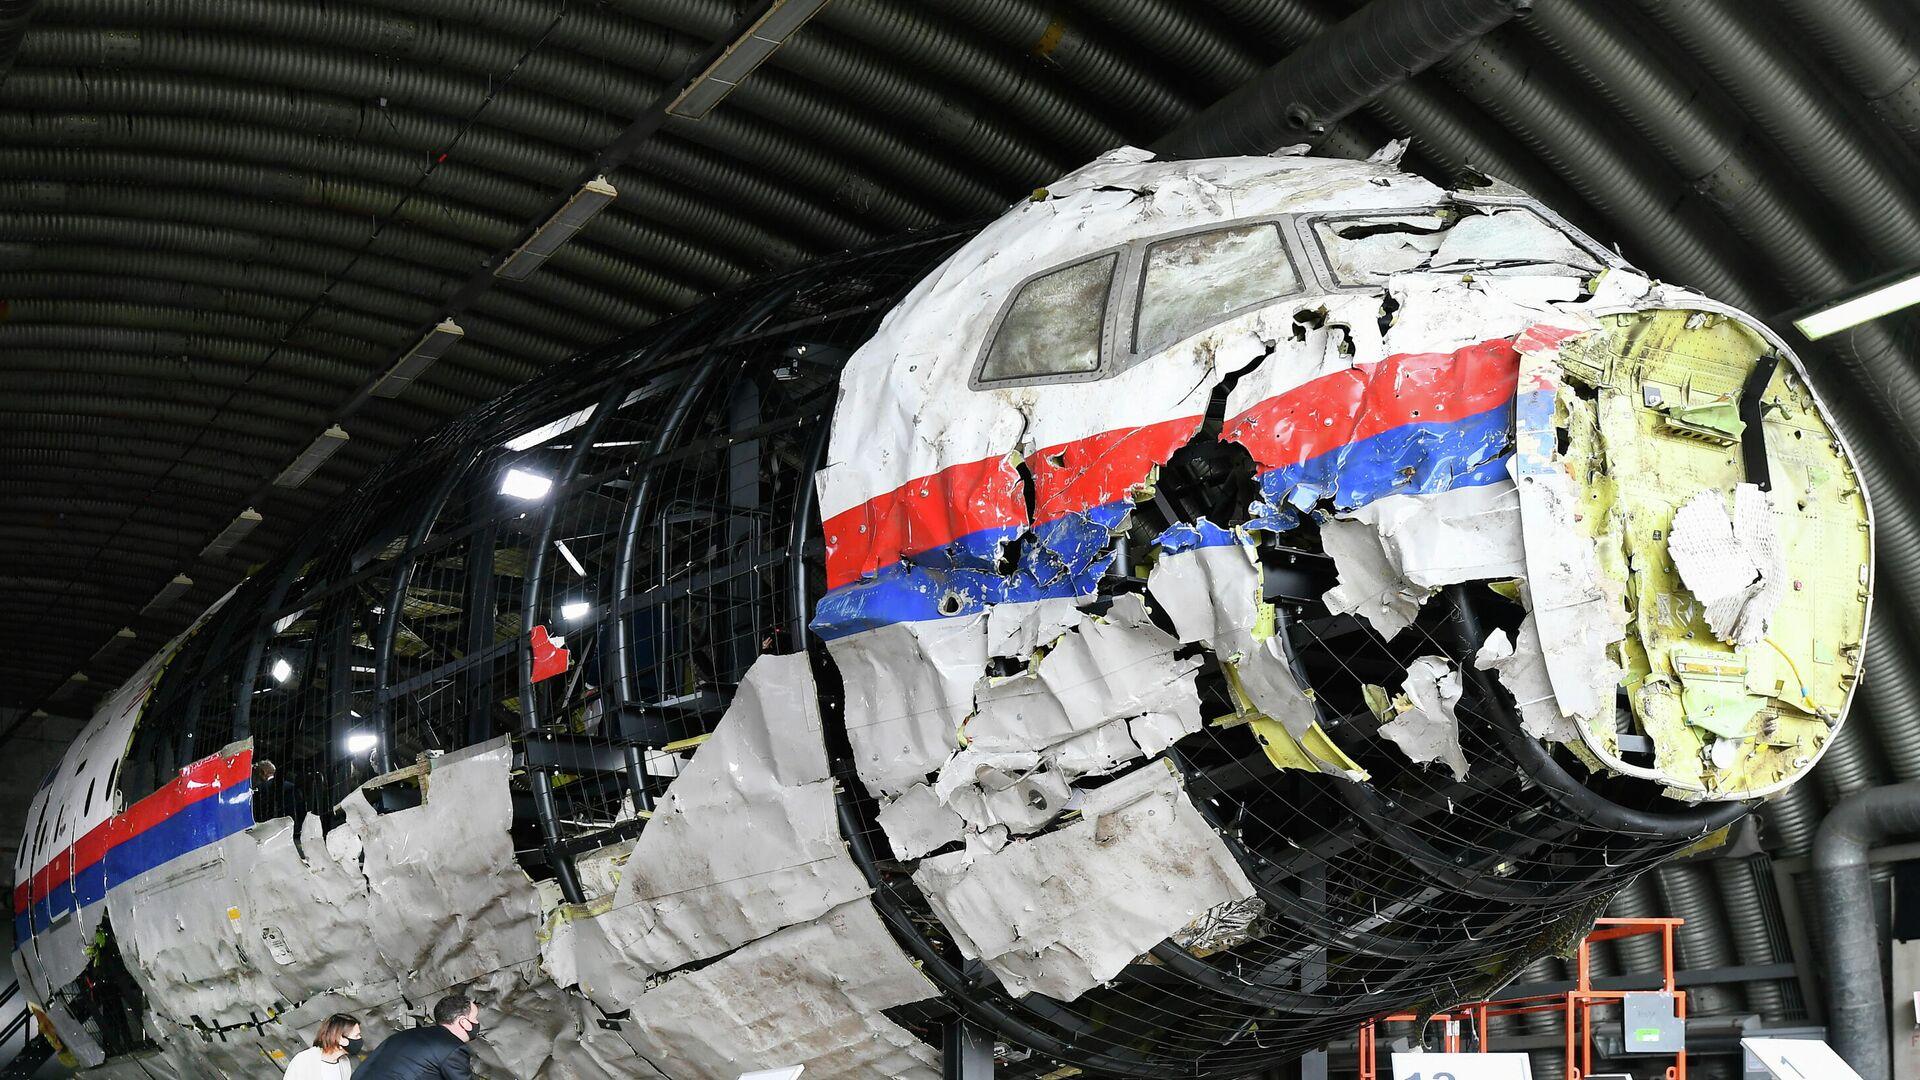 Реконструированные обломки рейса MH17 авиакомпании Malaysia Airlines на авиабазе Гильзе-Рейен, Нидерланды - РИА Новости, 1920, 10.06.2021